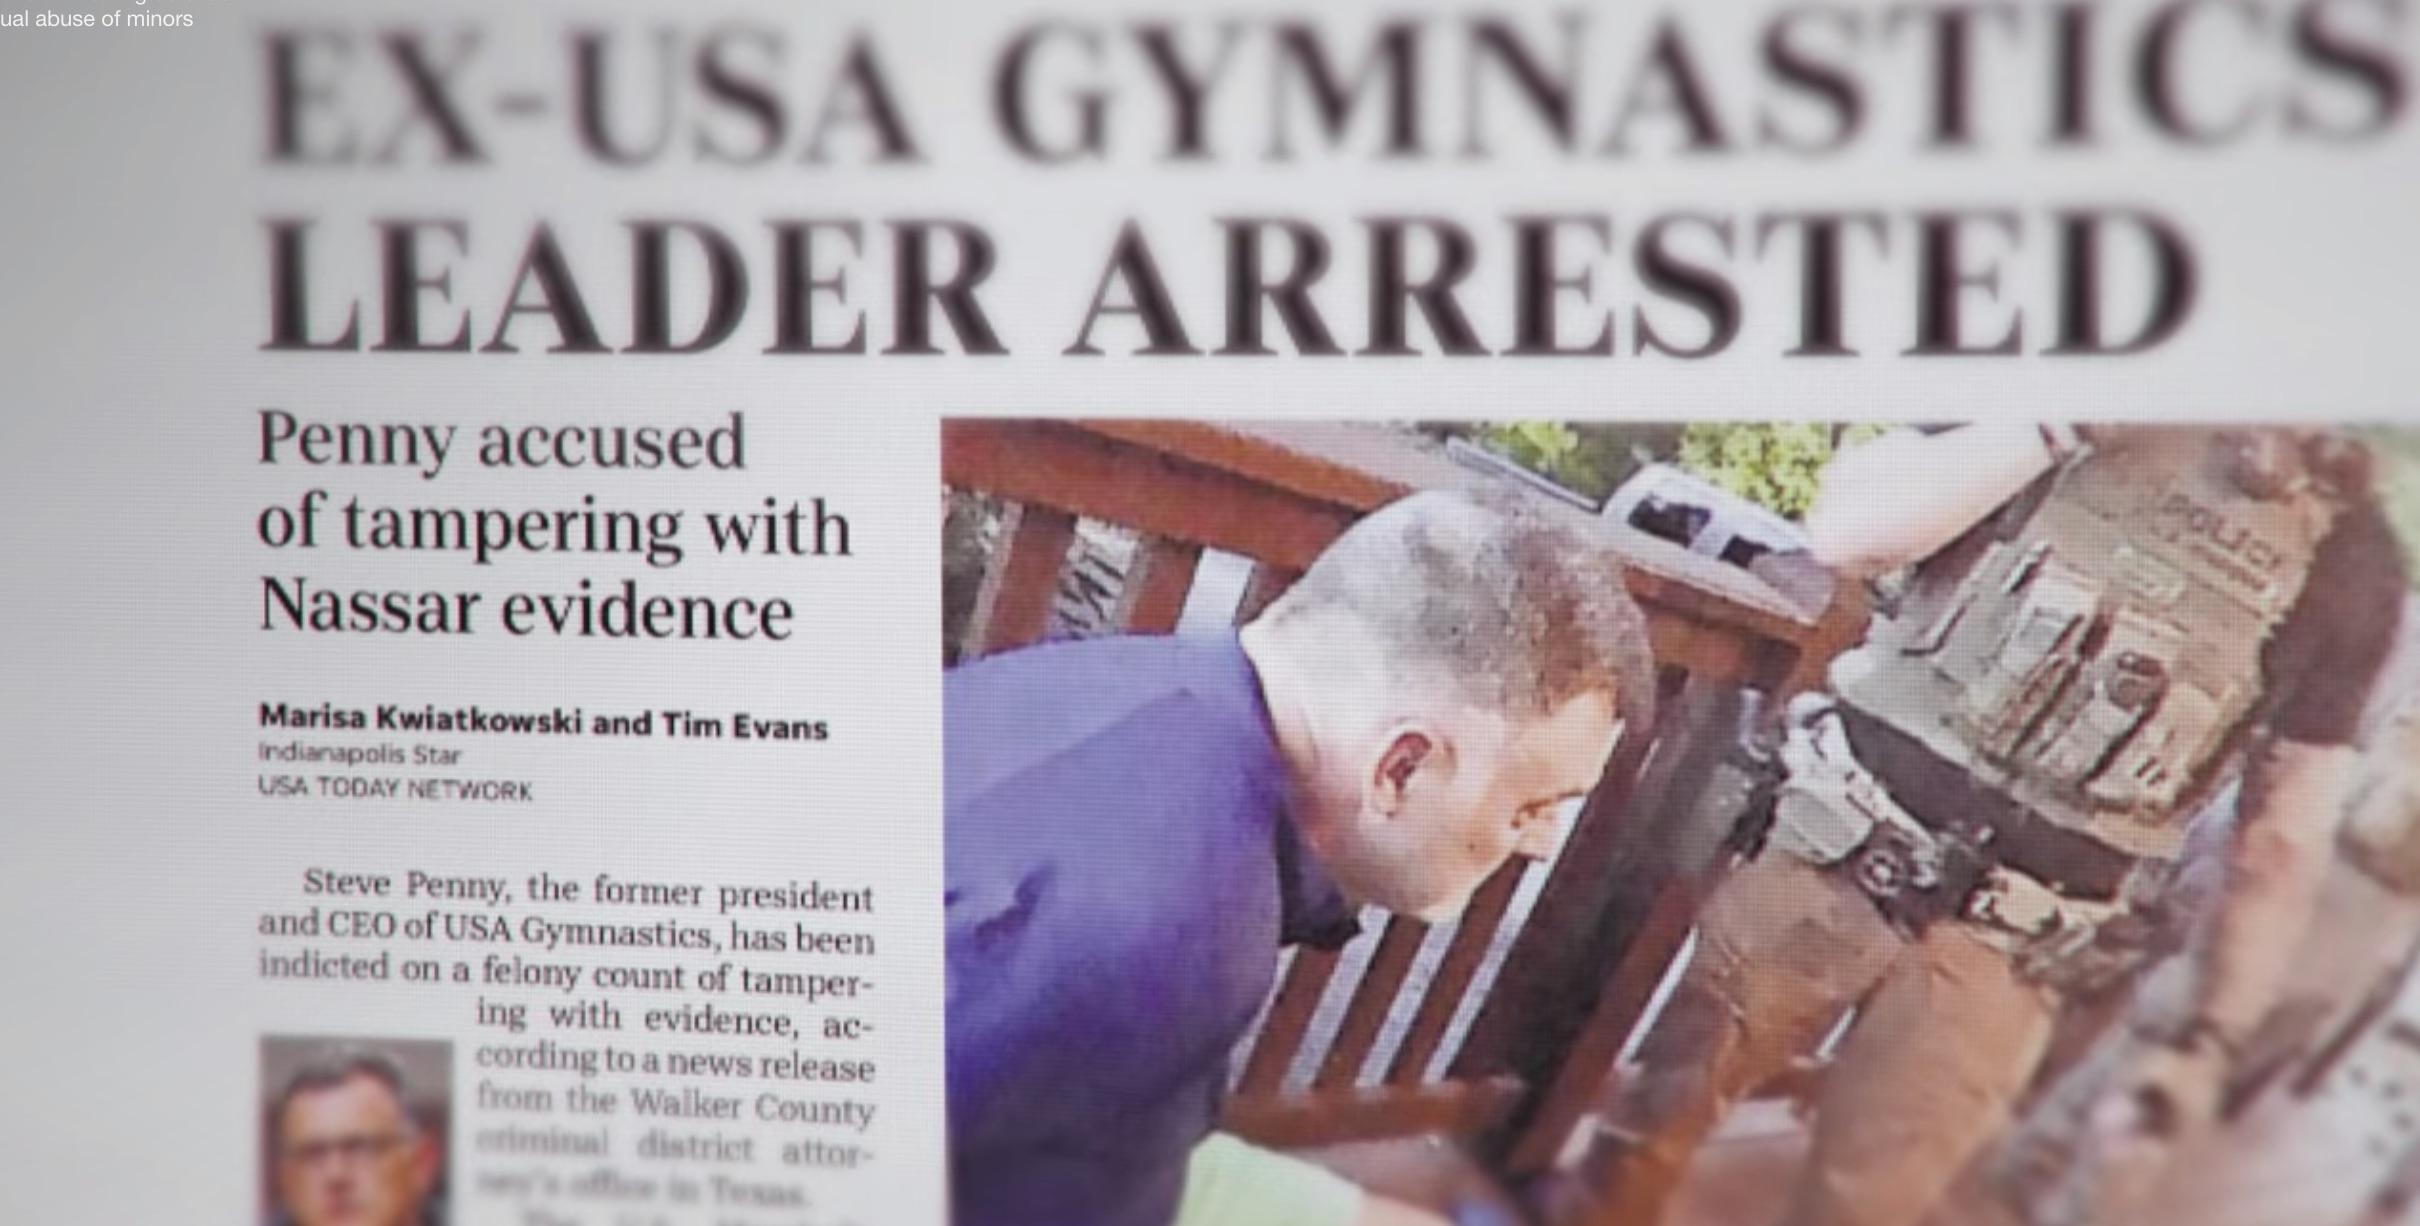 ¿Dónde está el CEO de USA Gymnastics hoy? Actualizar 2